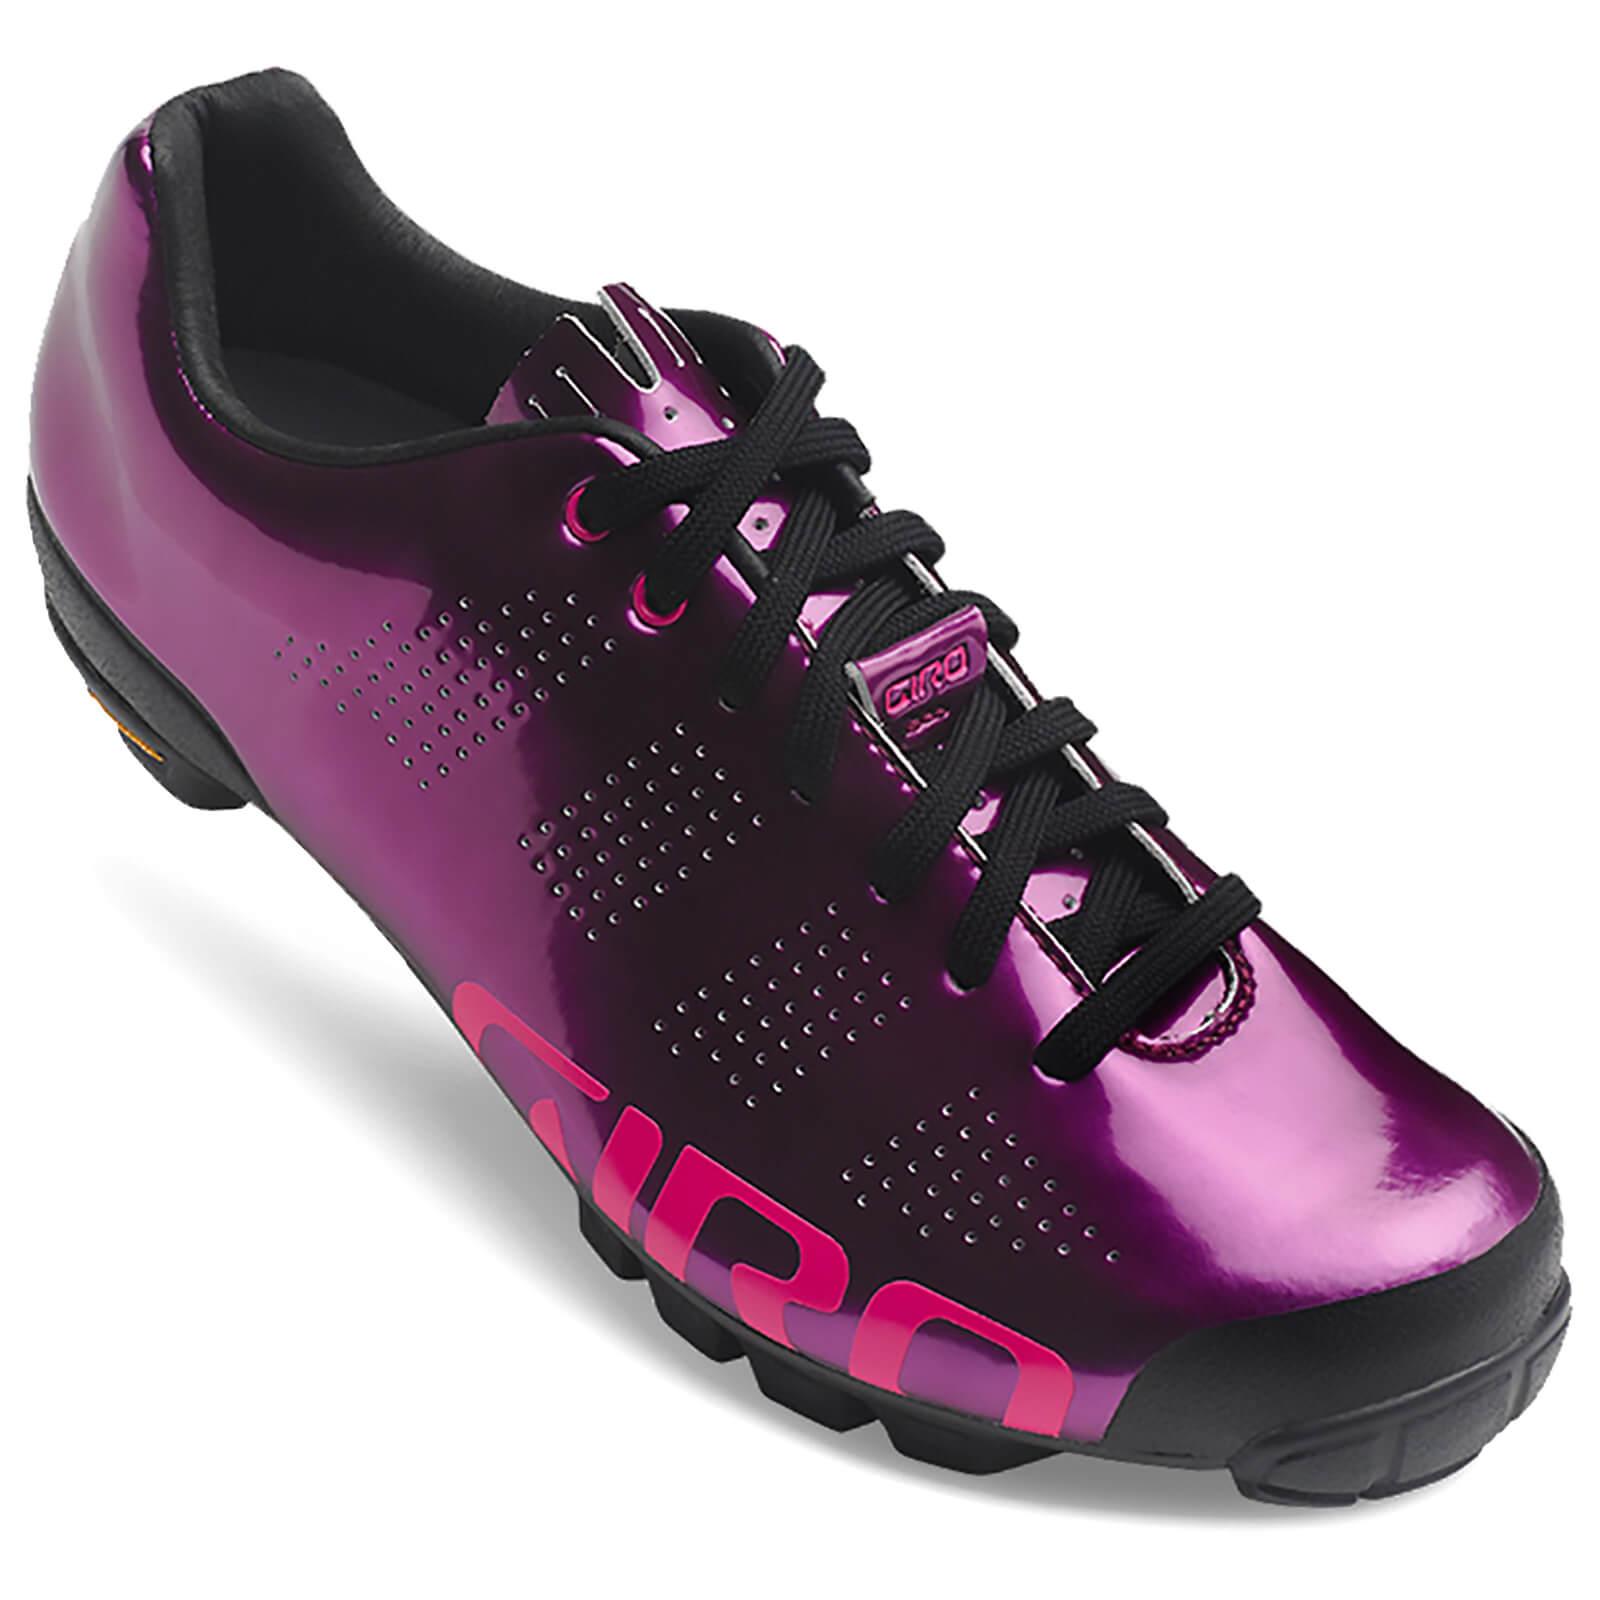 Giro VR90 Women's MTB Cycling Shoes